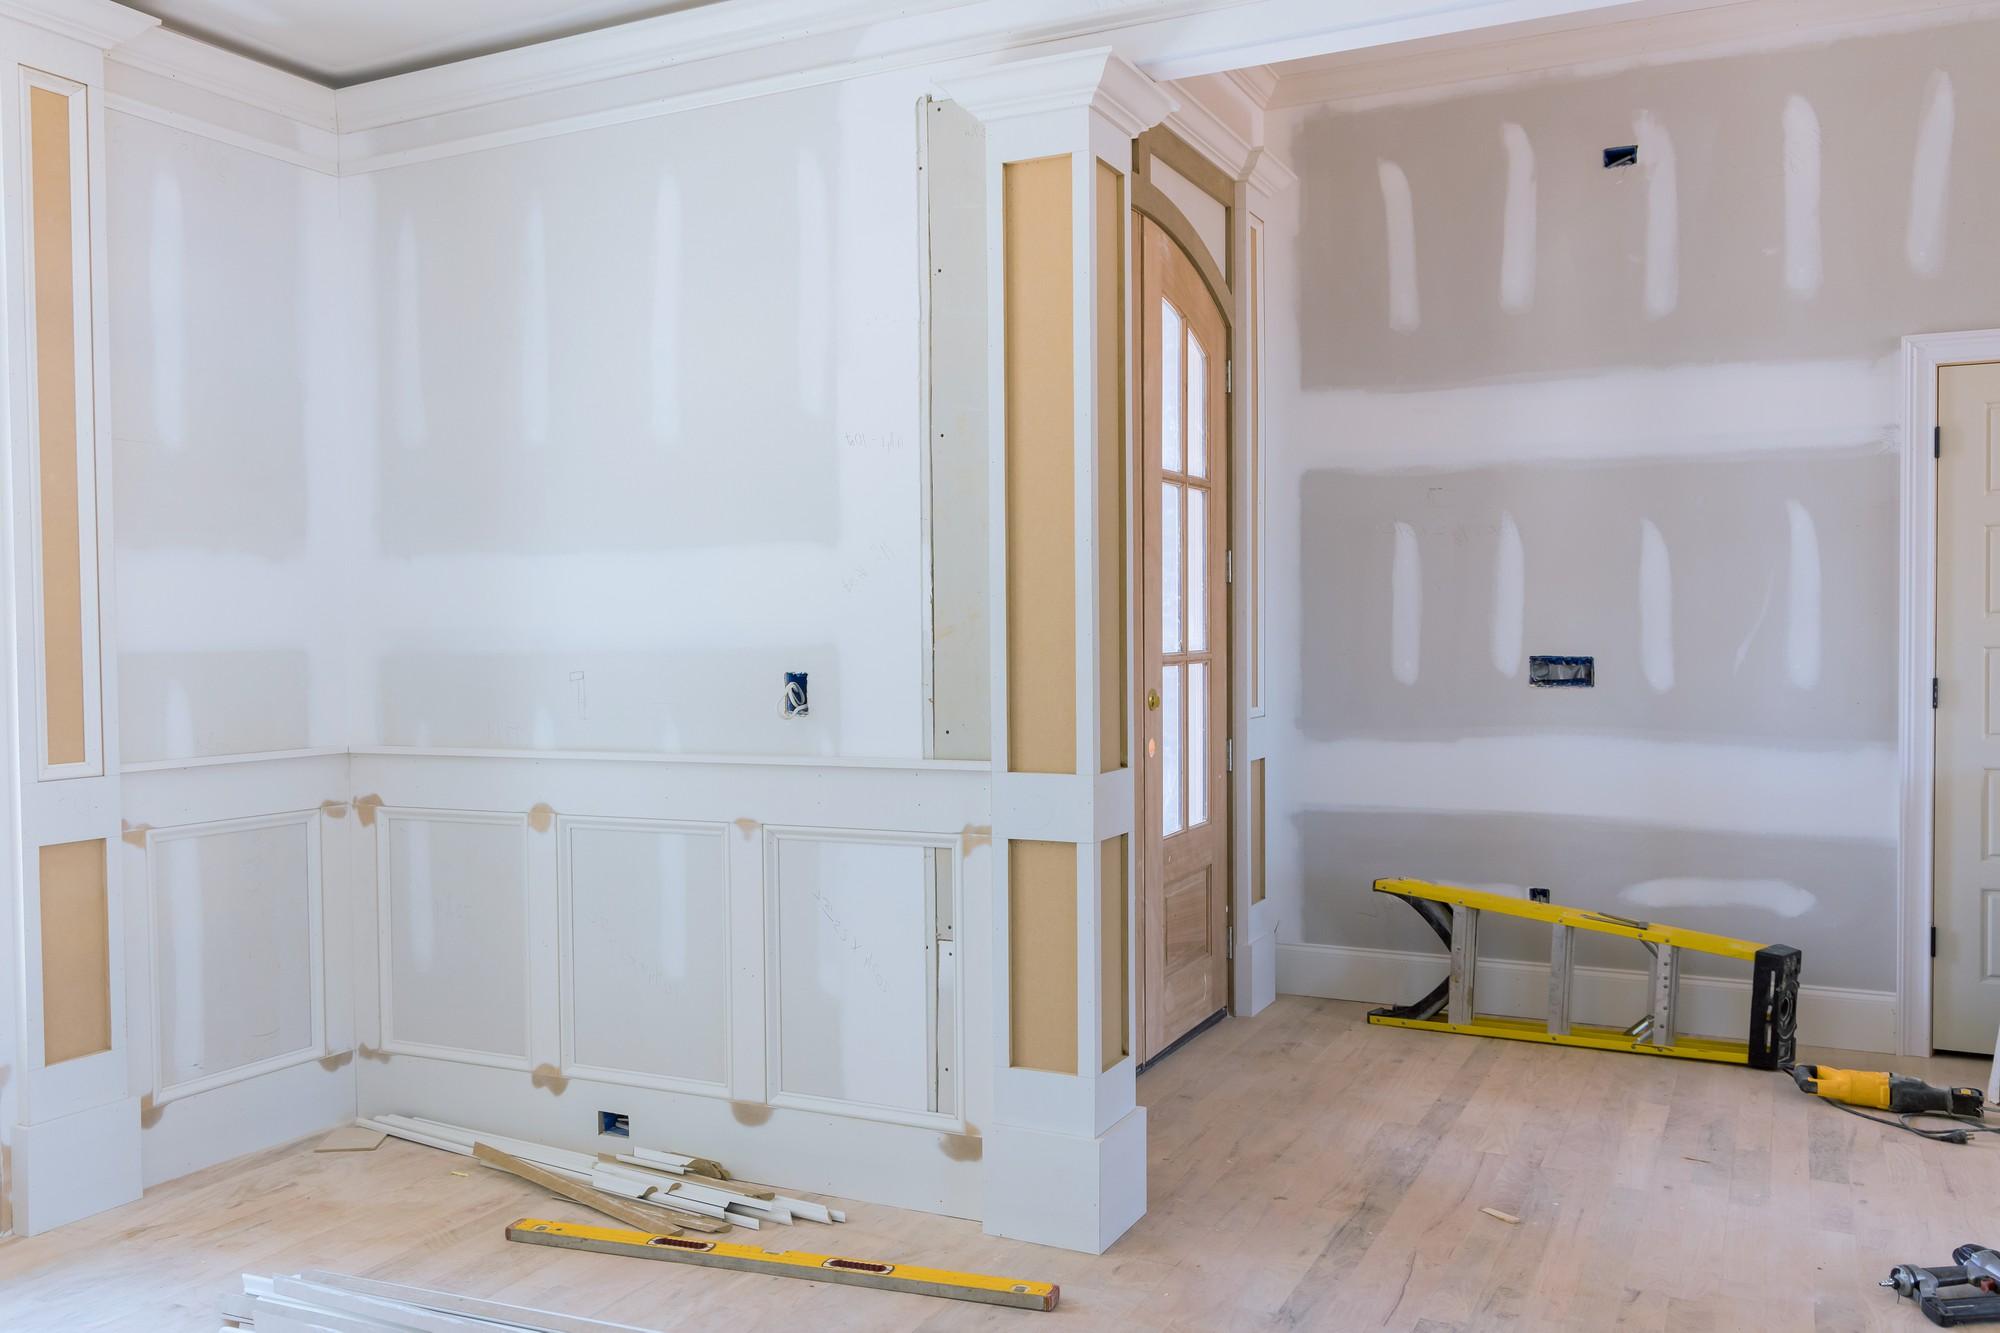 indoor room being renovated